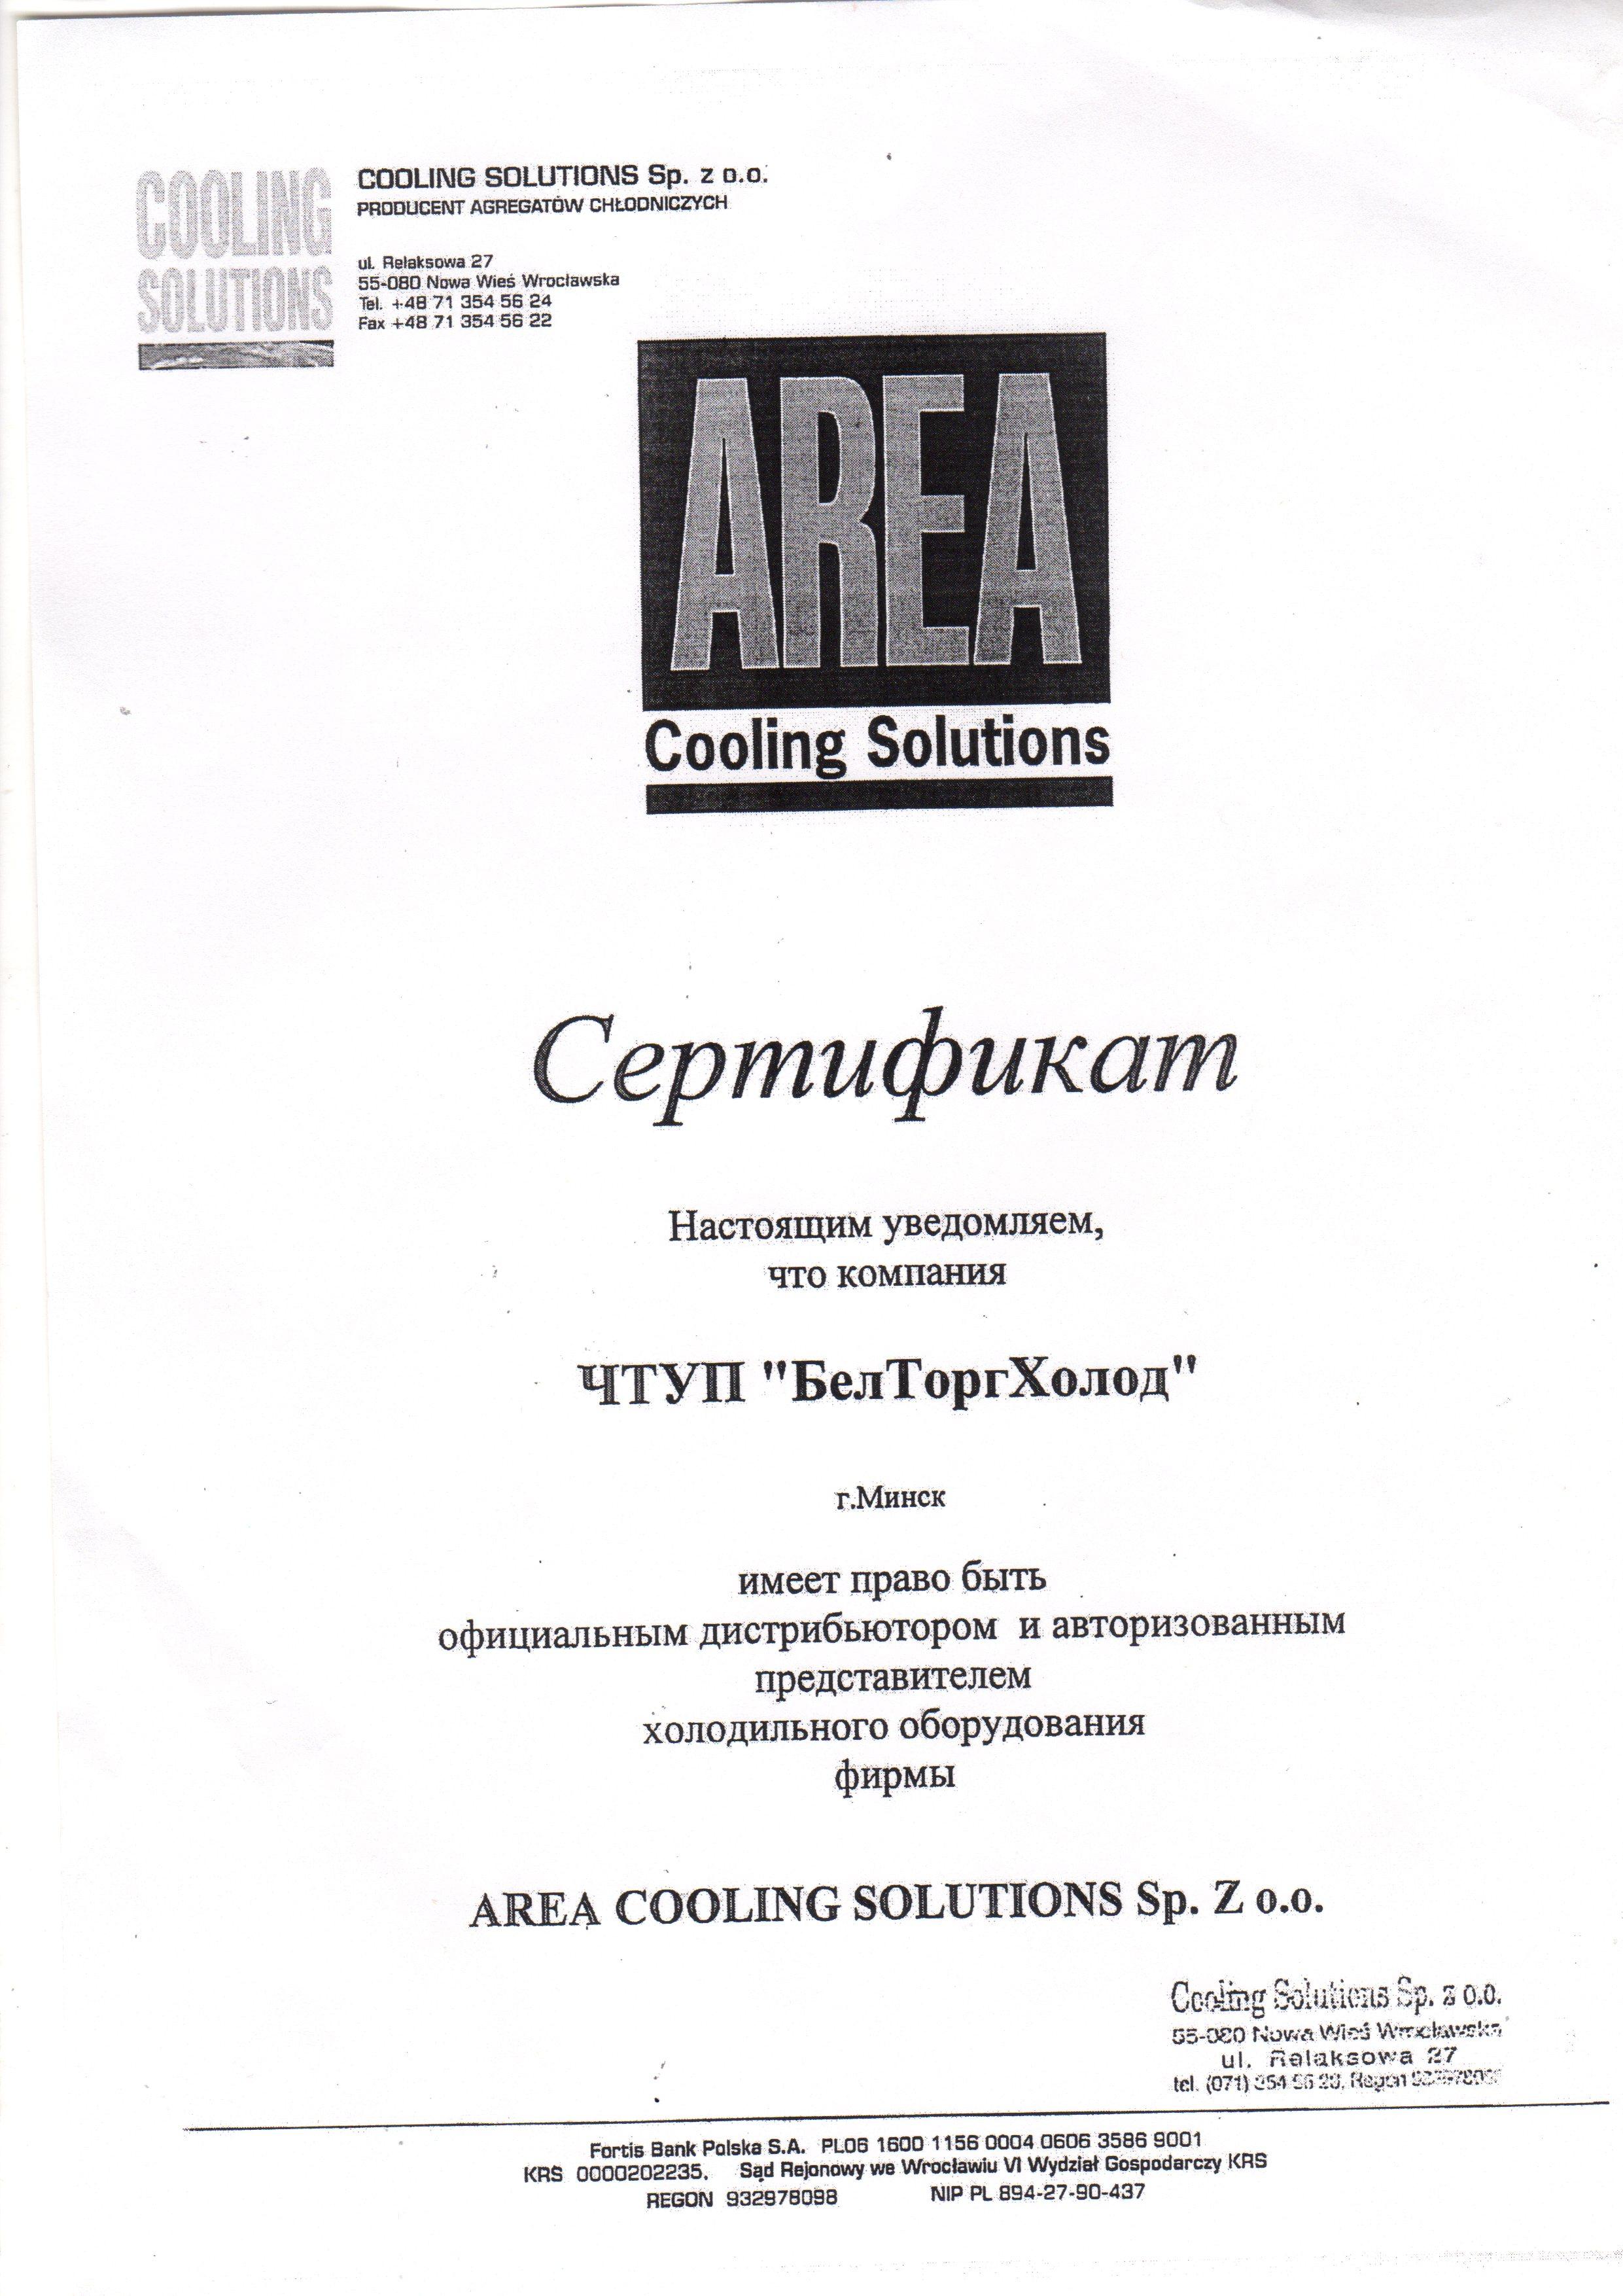 Сертификат AREA